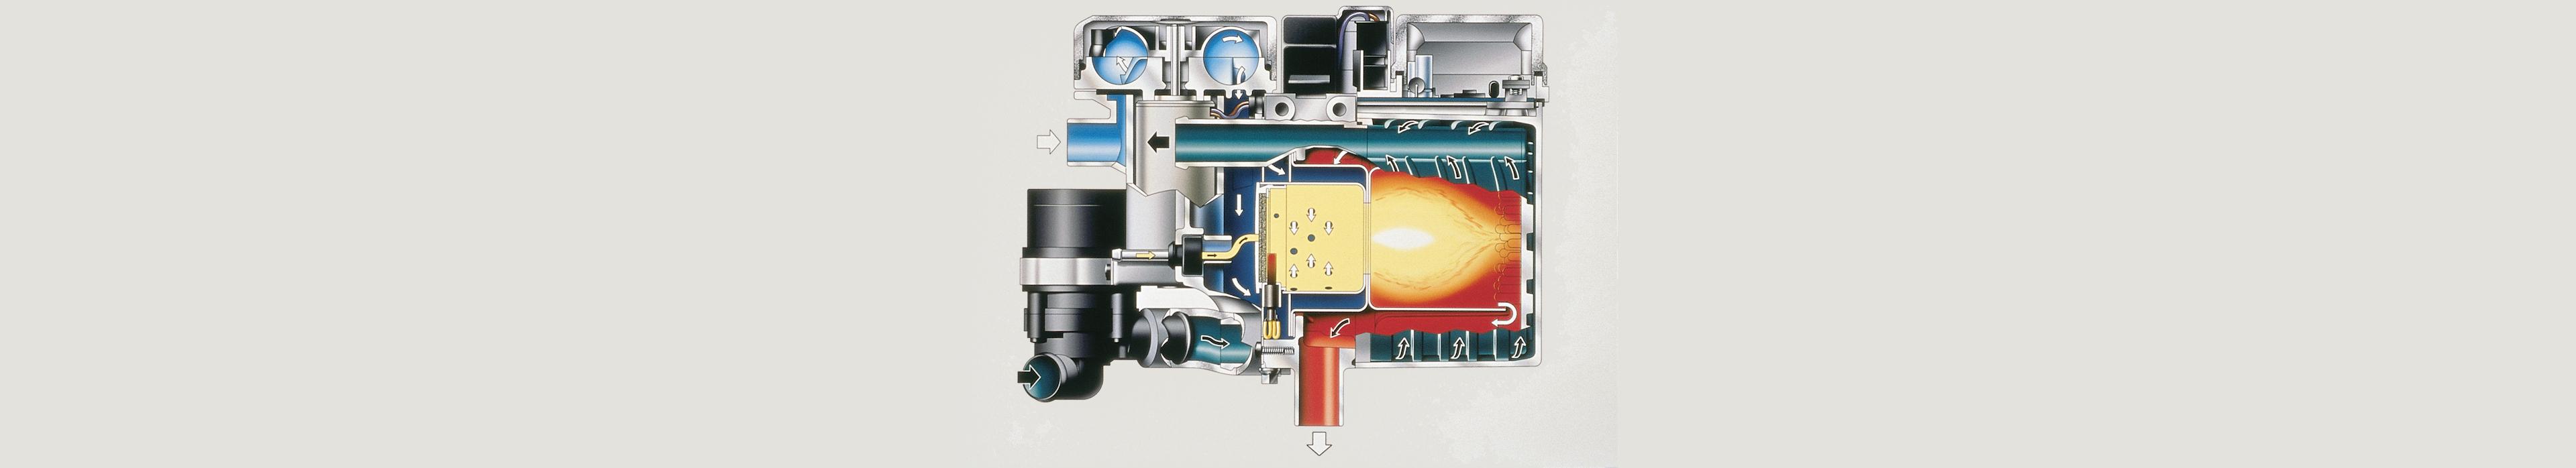 Werking uitleg hoe een Webasto standkachel-parkeerverwarming werkt. www.carcoolsystems.nl